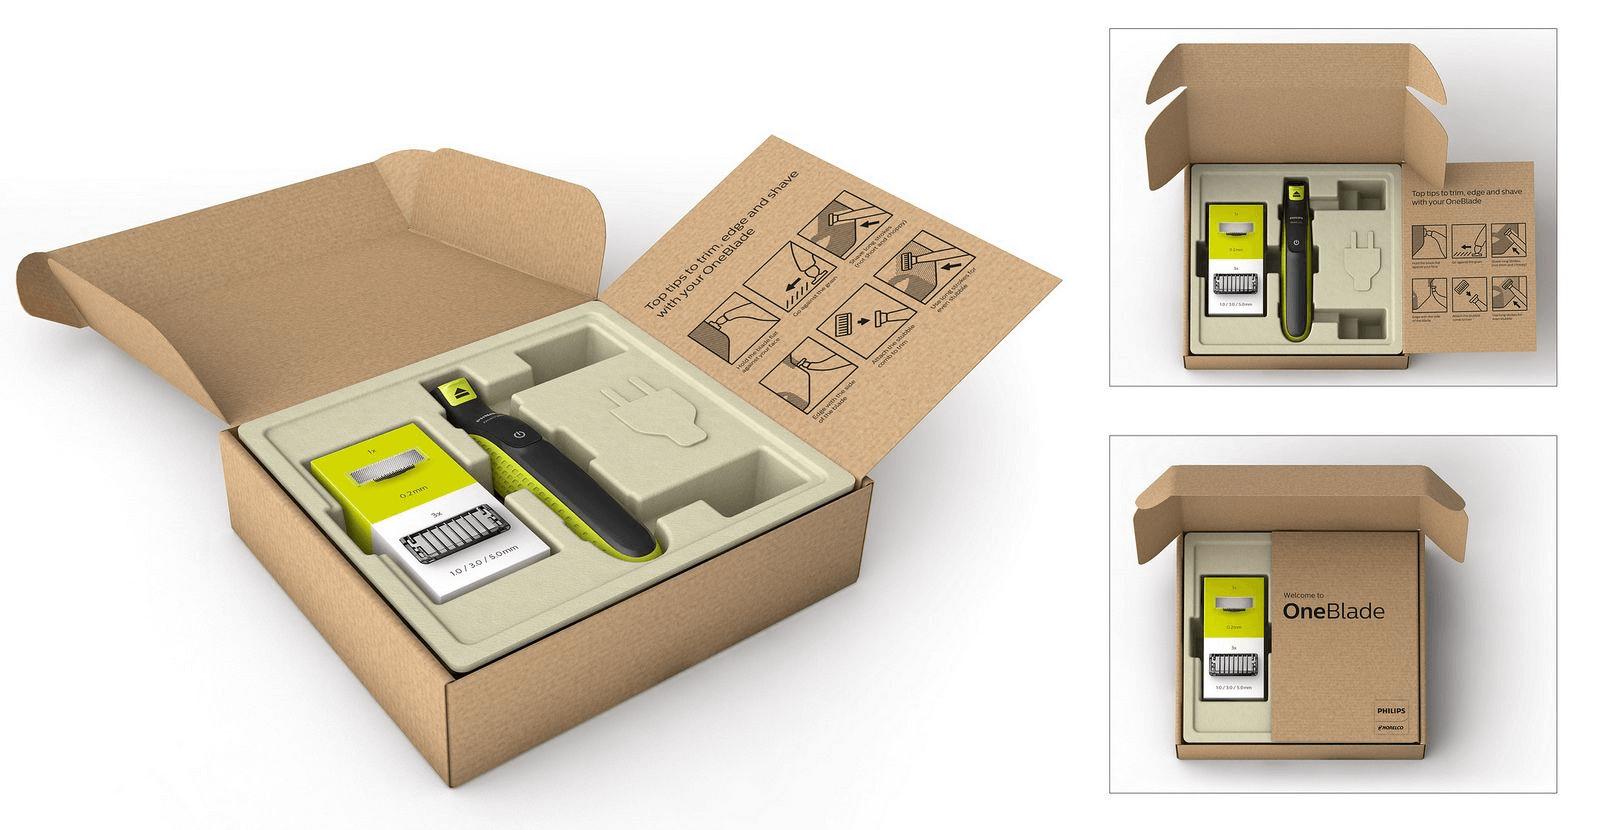 Emballage écologique de la marque Philips pour le rasoir OneBlade